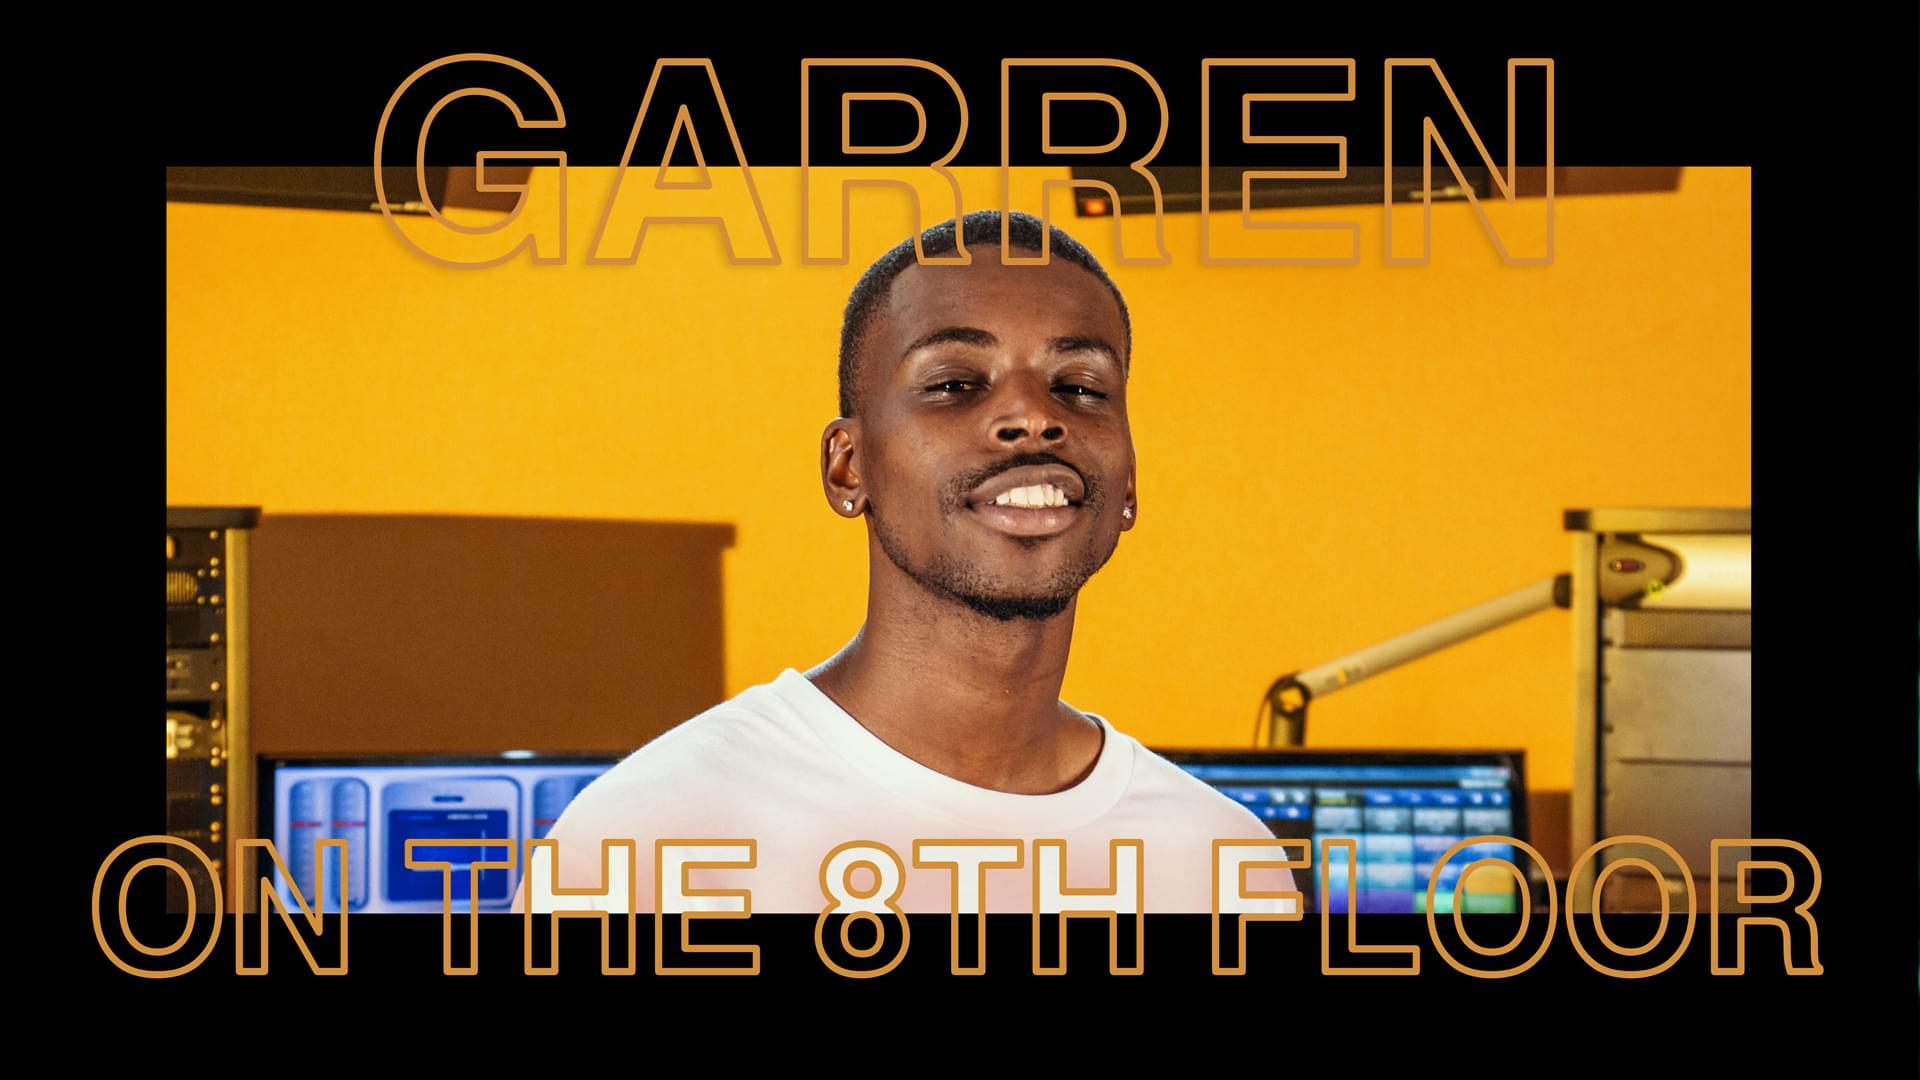 """Garren Performs """"Wrong Way"""" LIVE #OnThe8thFloor [WATCH]"""